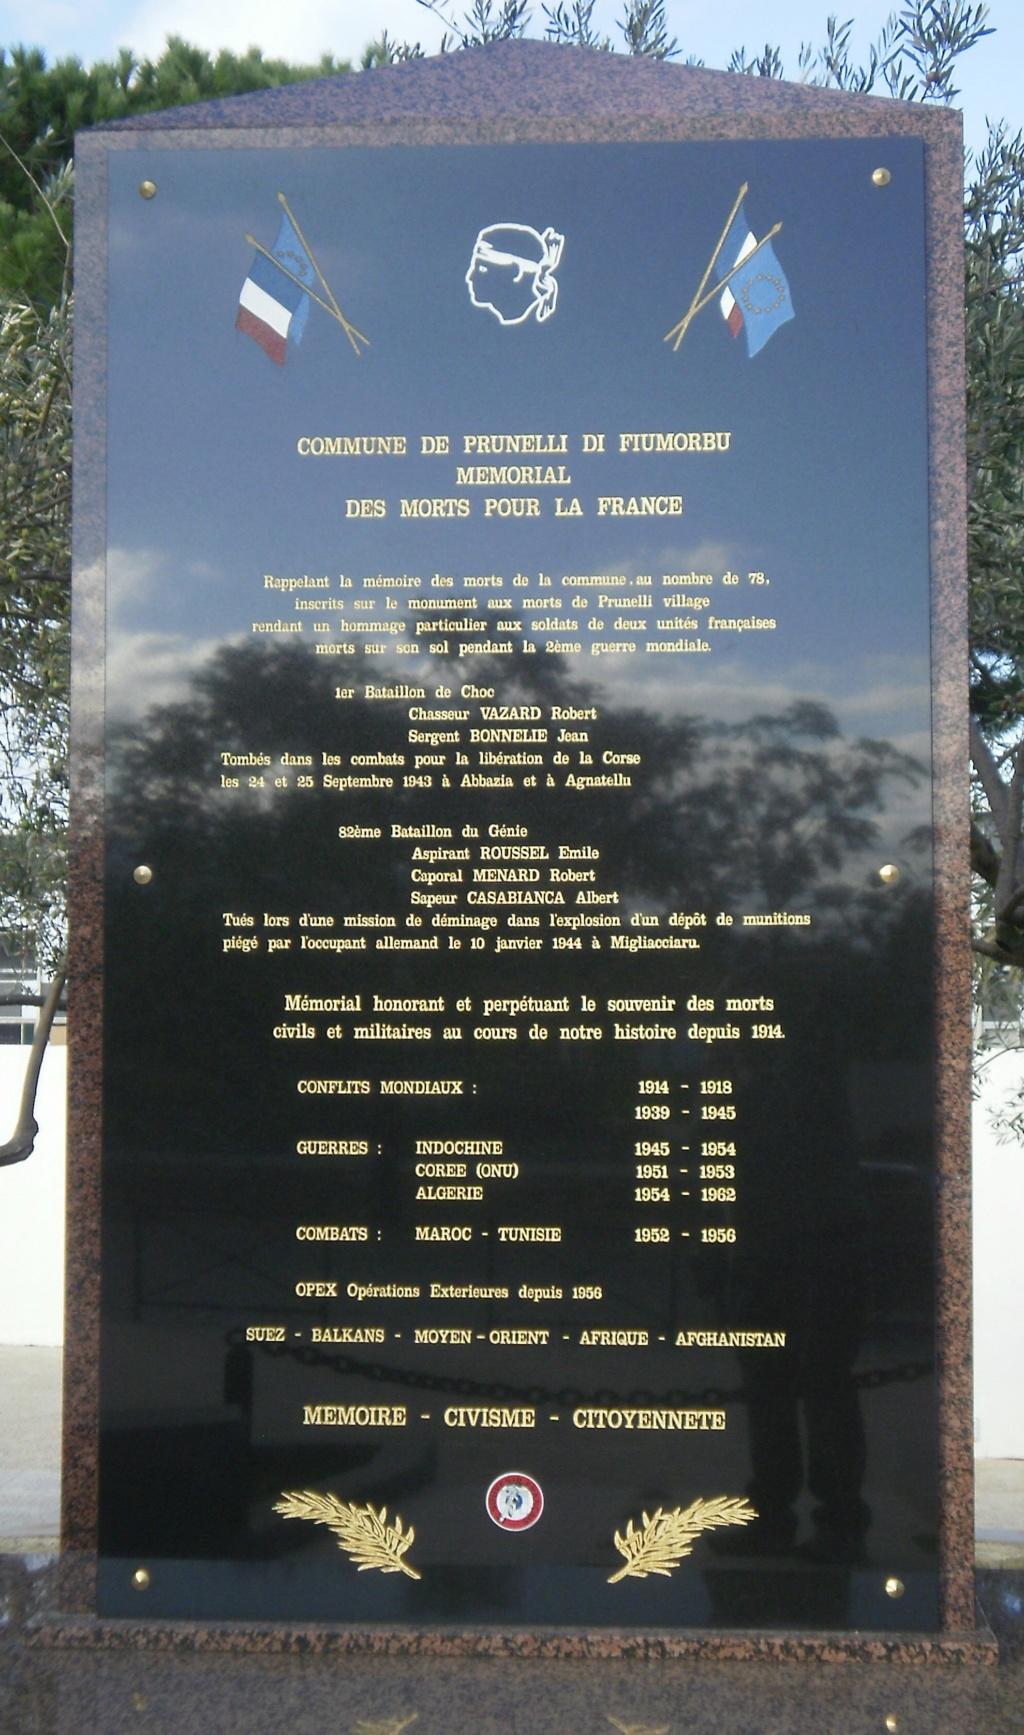 tombes btn-choc carre militaire du cimetière de bastia Monume13